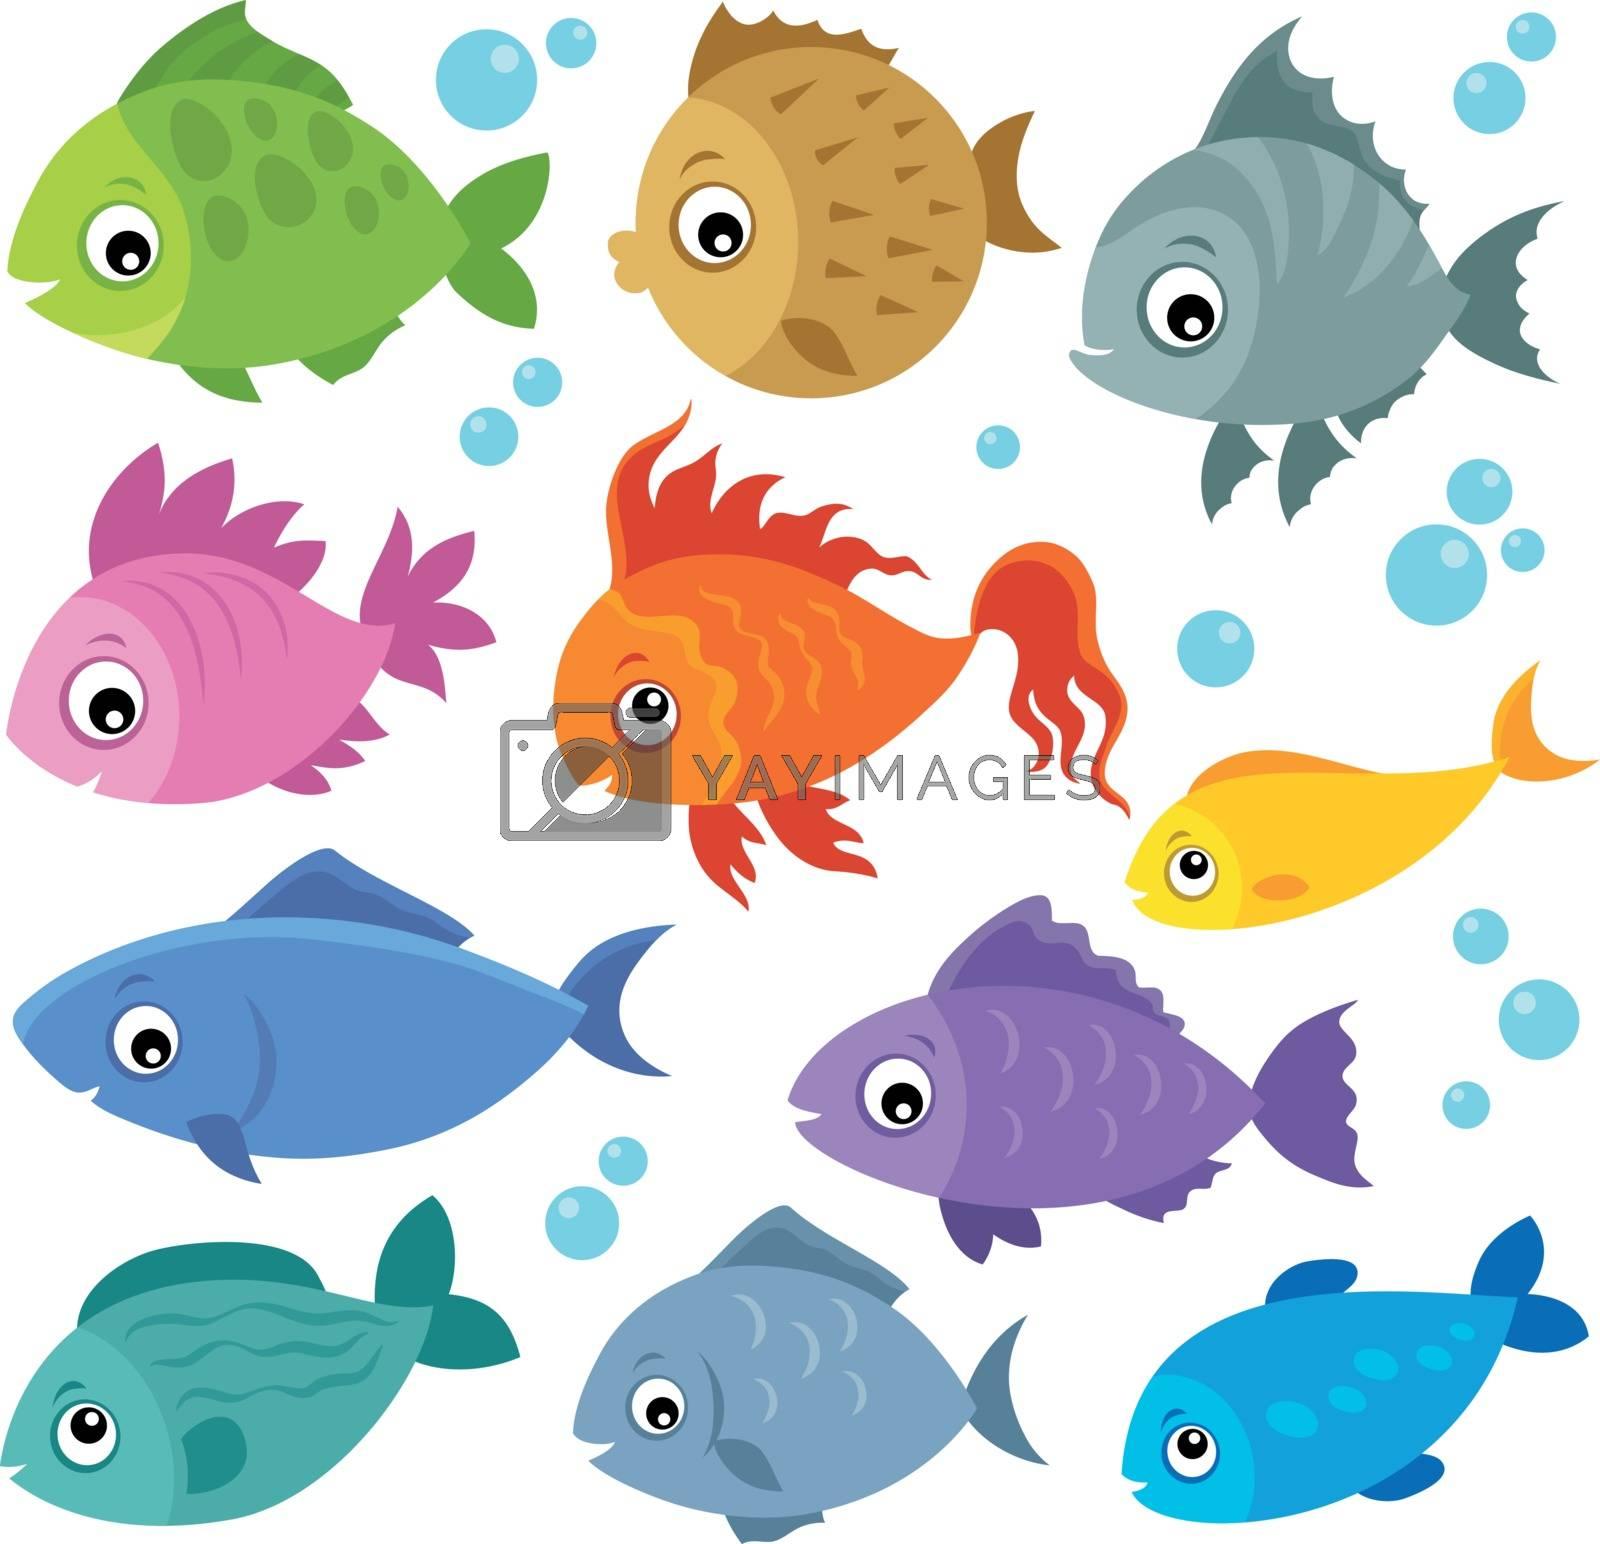 Stylized fishes theme set 2 - eps10 vector illustration.